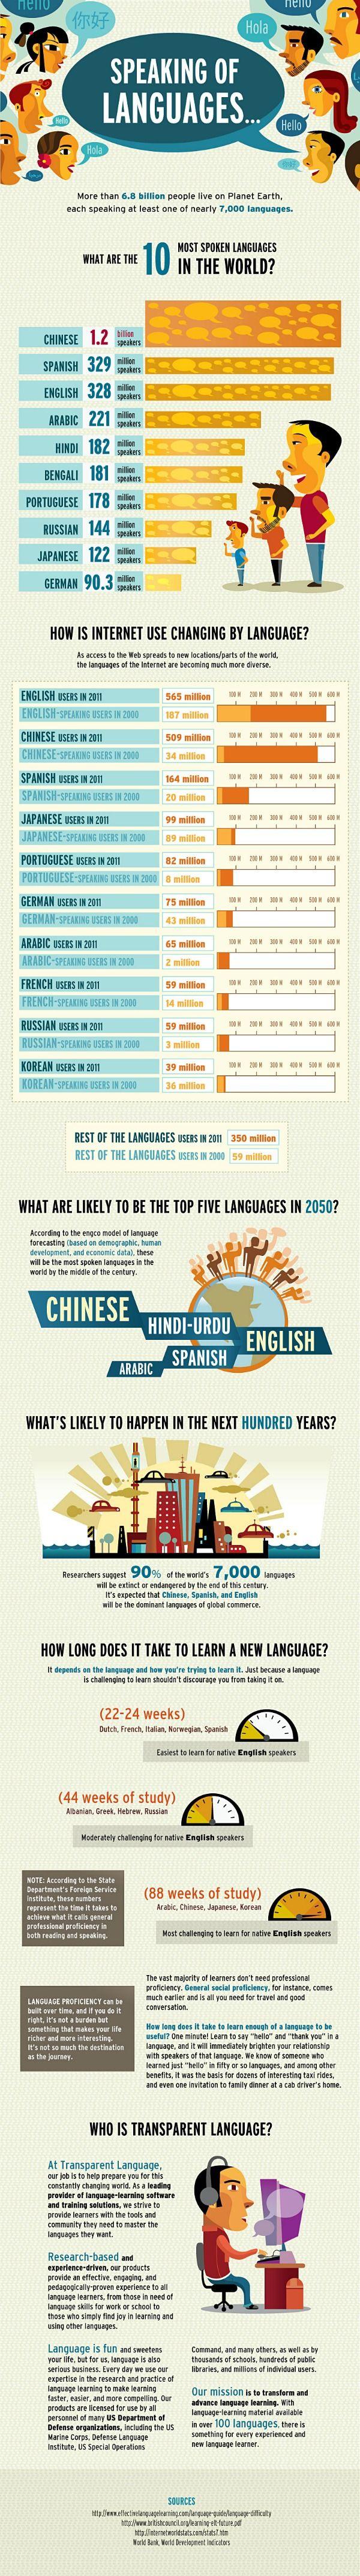 Speaking Languages